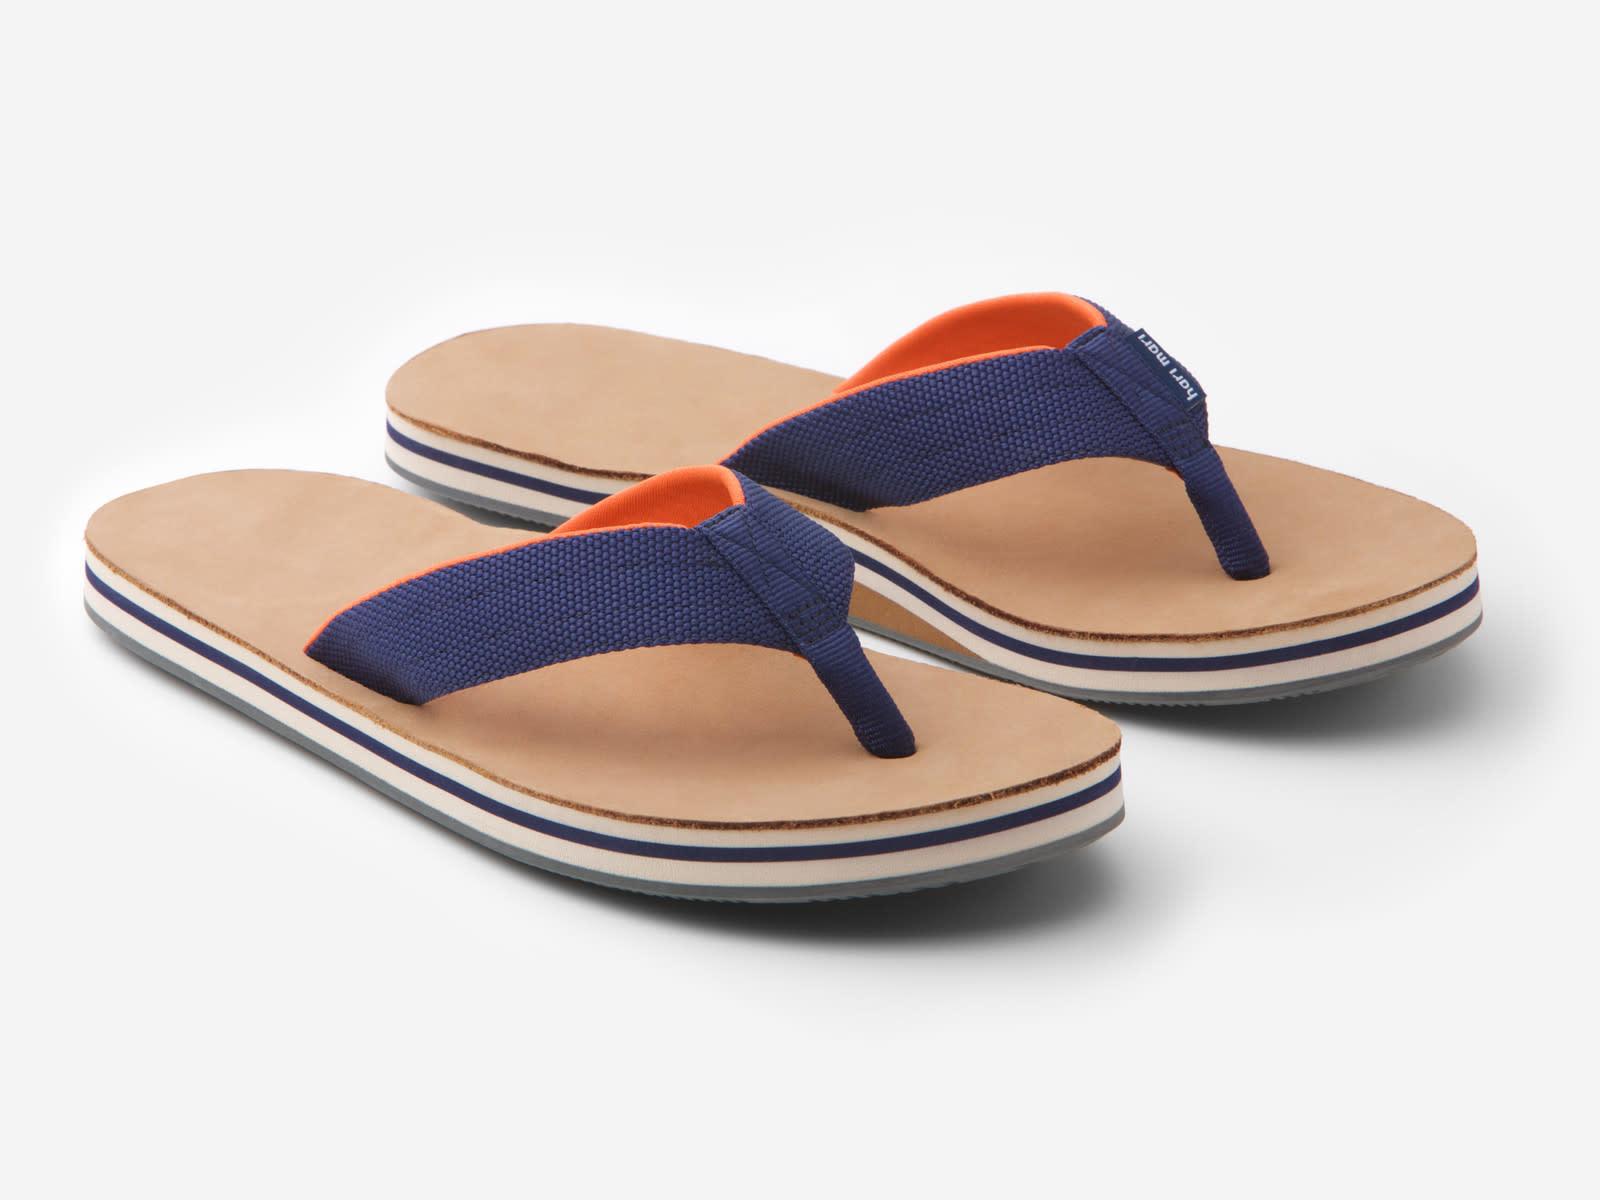 HM - Flip Flops - Scouts